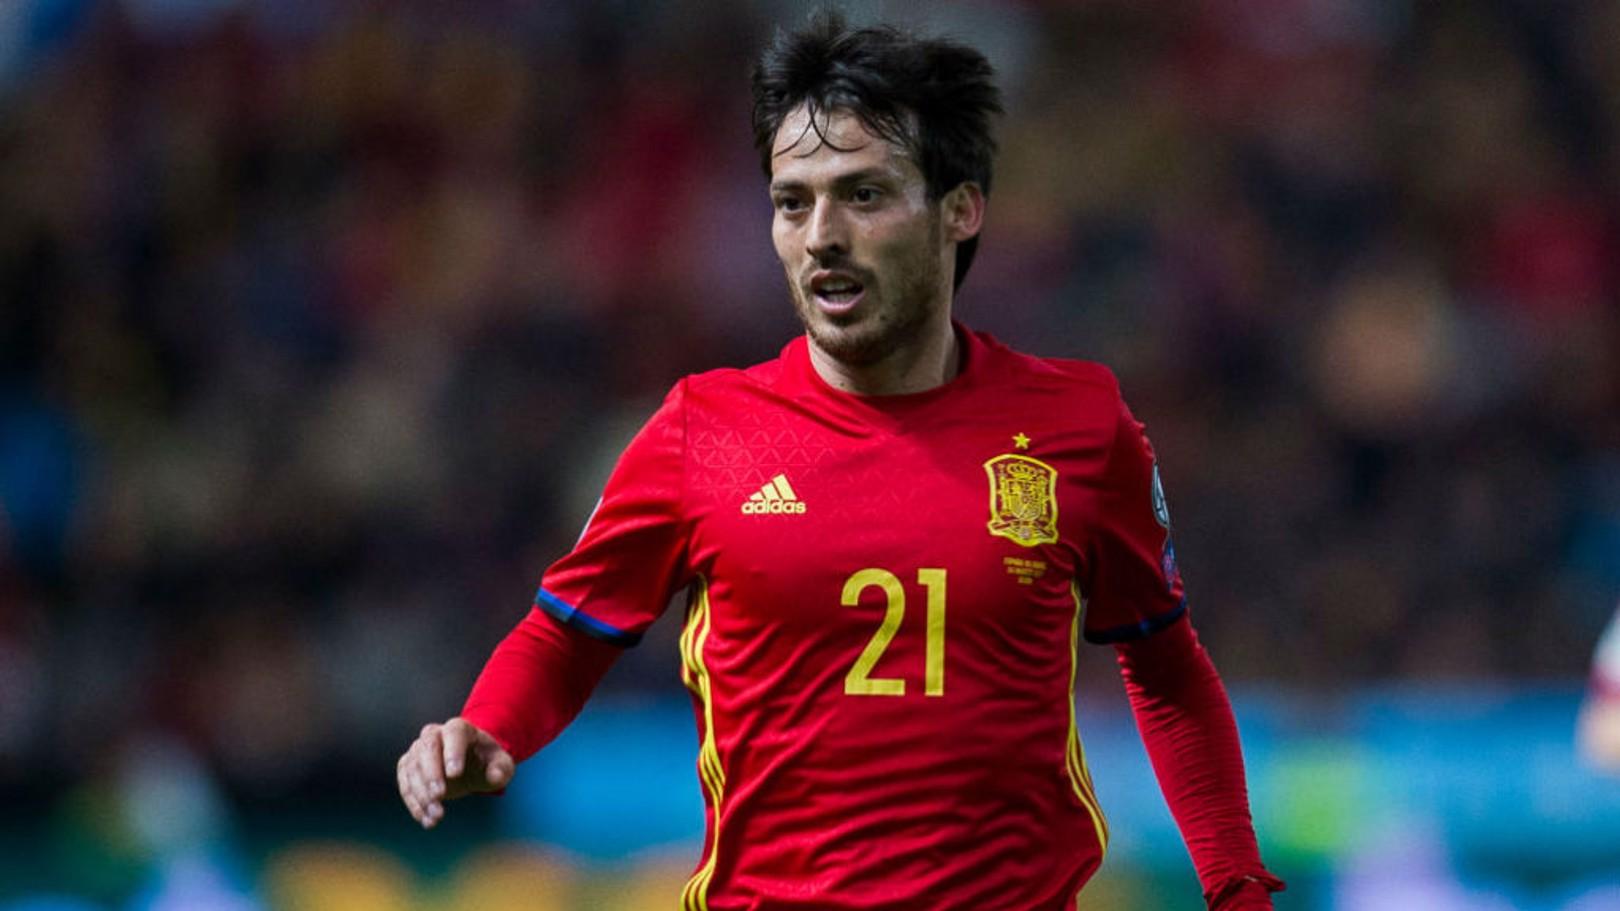 ديفيد سيلفا سجل هدفين مرة أخرى مع المنتخب الإسباني